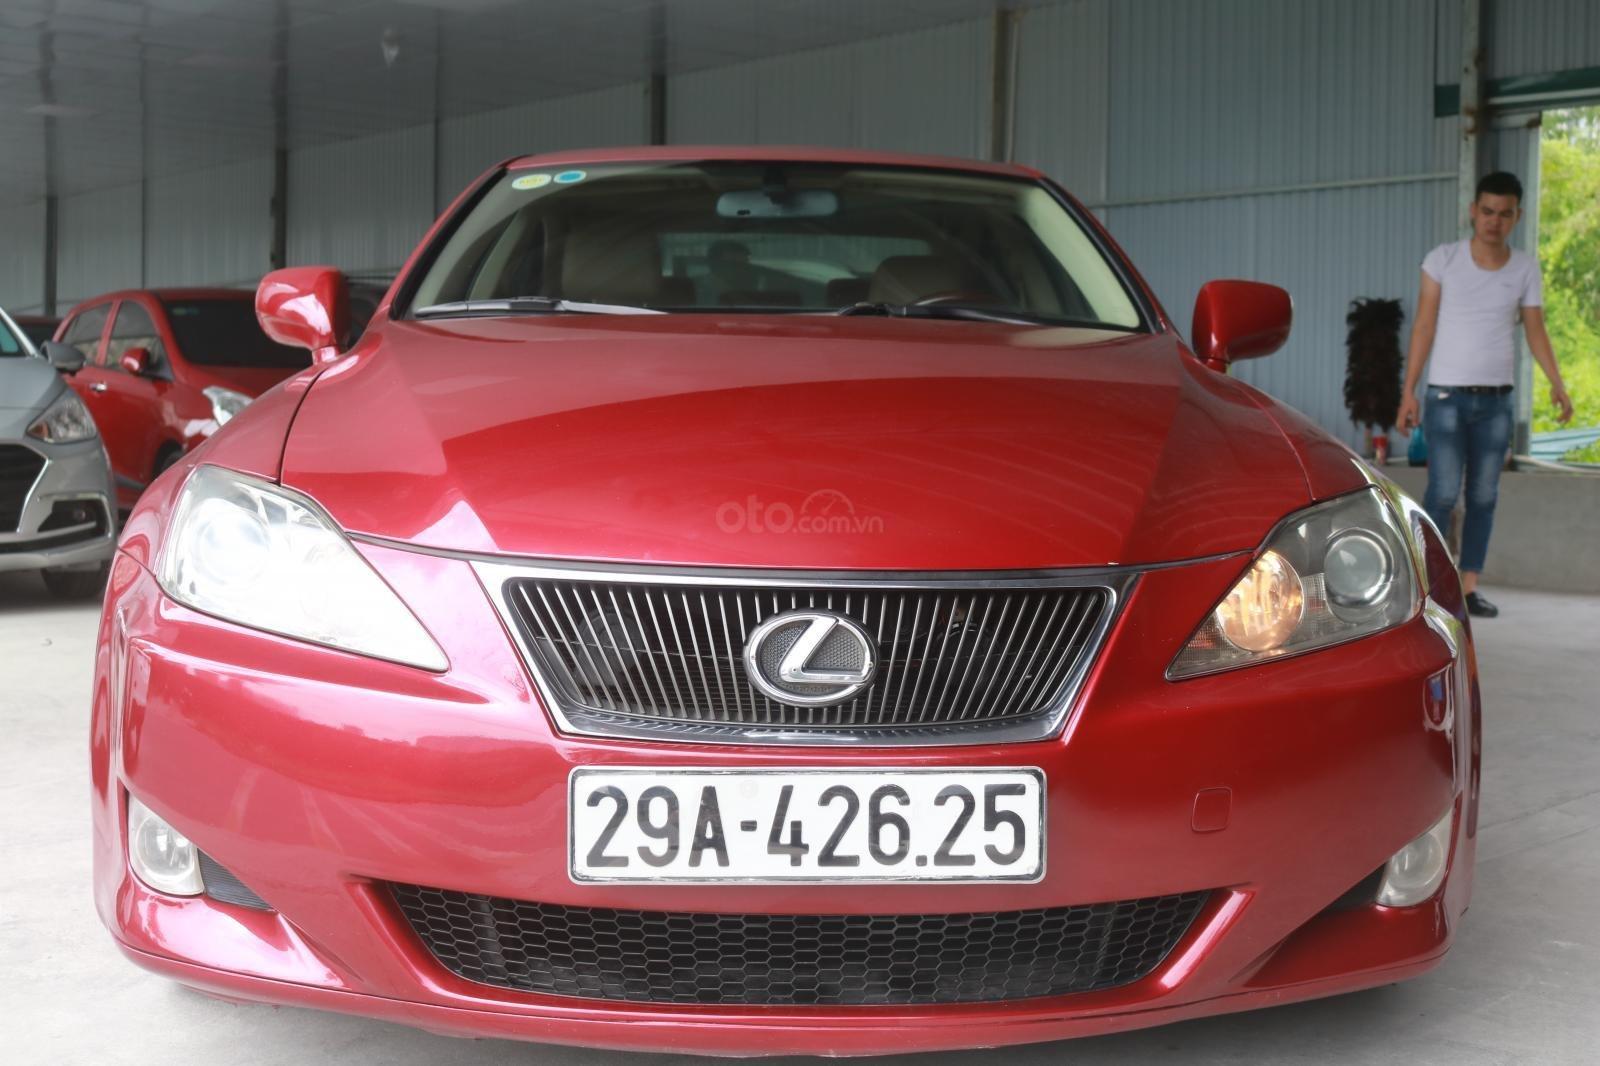 Cần bán xe Lexus LS250 đời 2008, màu đỏ (1)